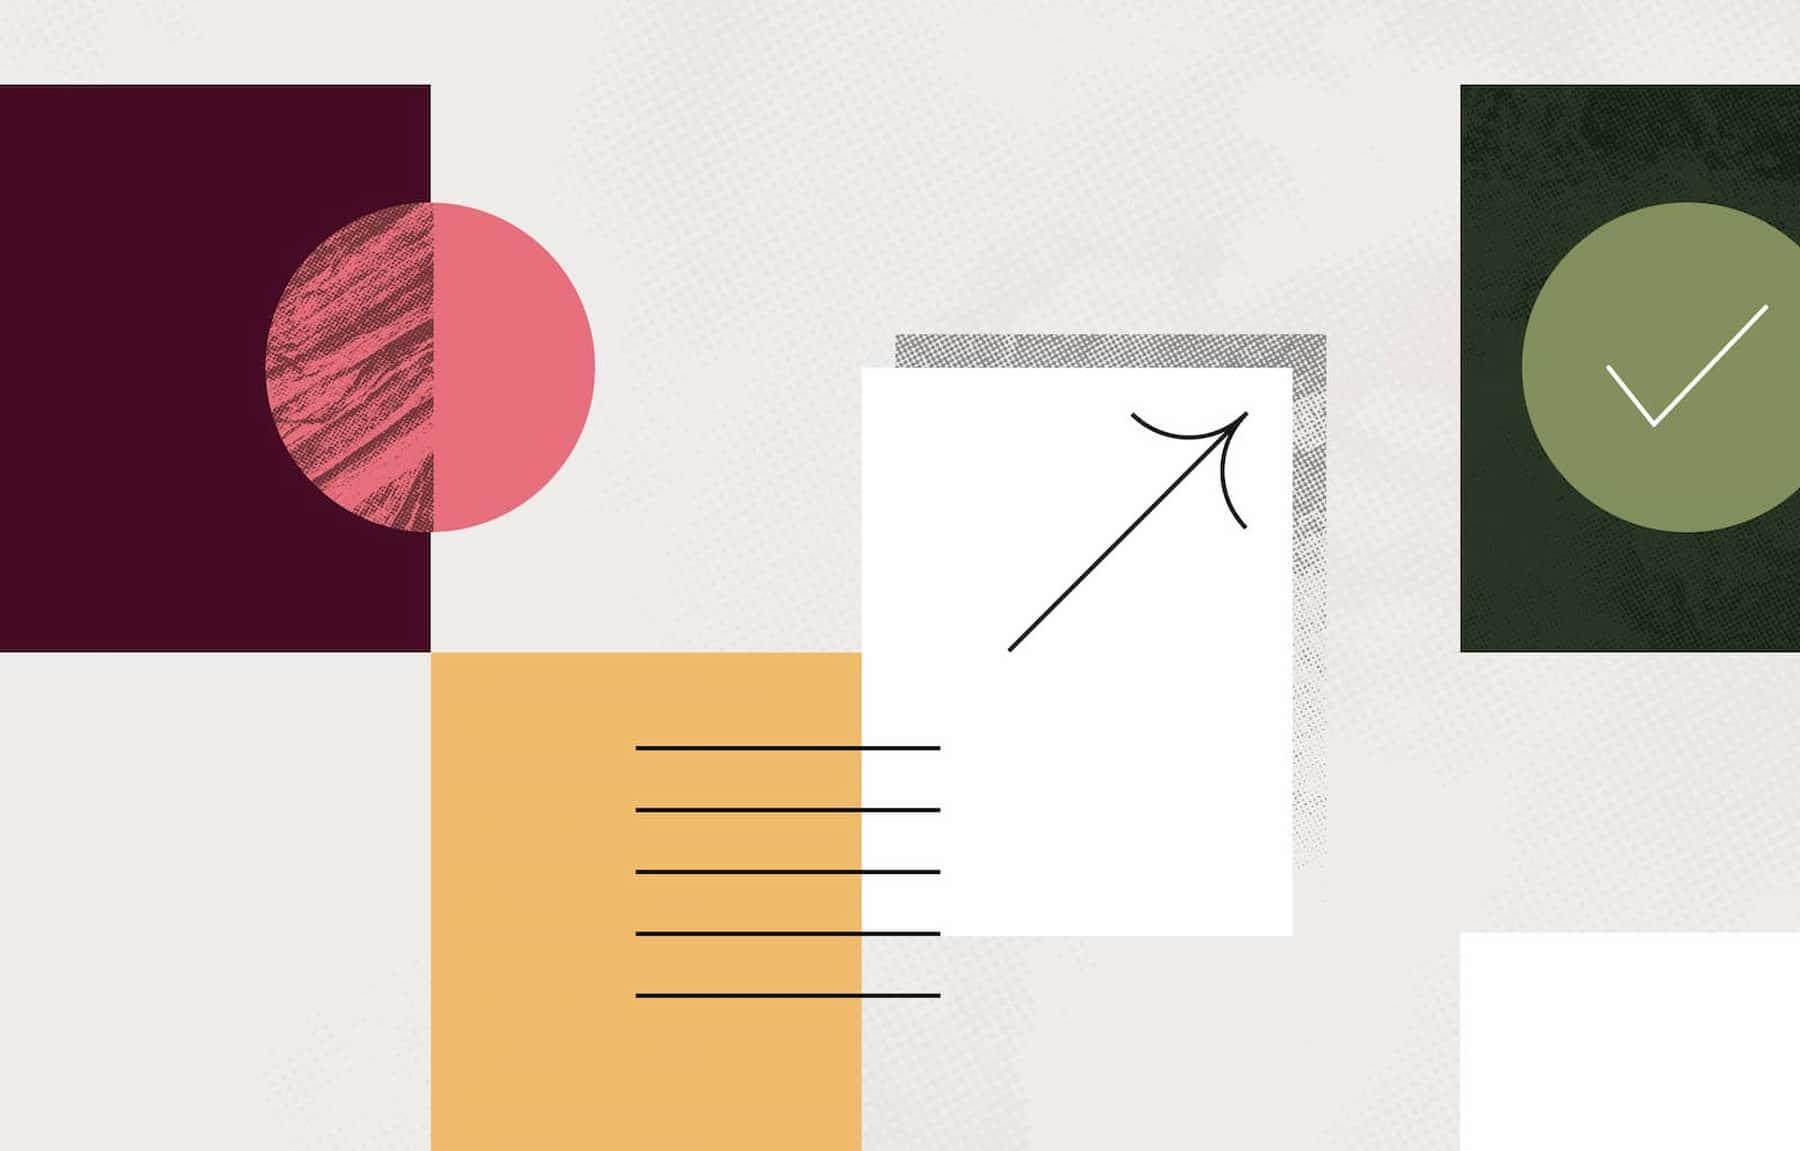 핵심 요약을 작성하는 방법(사례 포함) 문서 배너 이미지